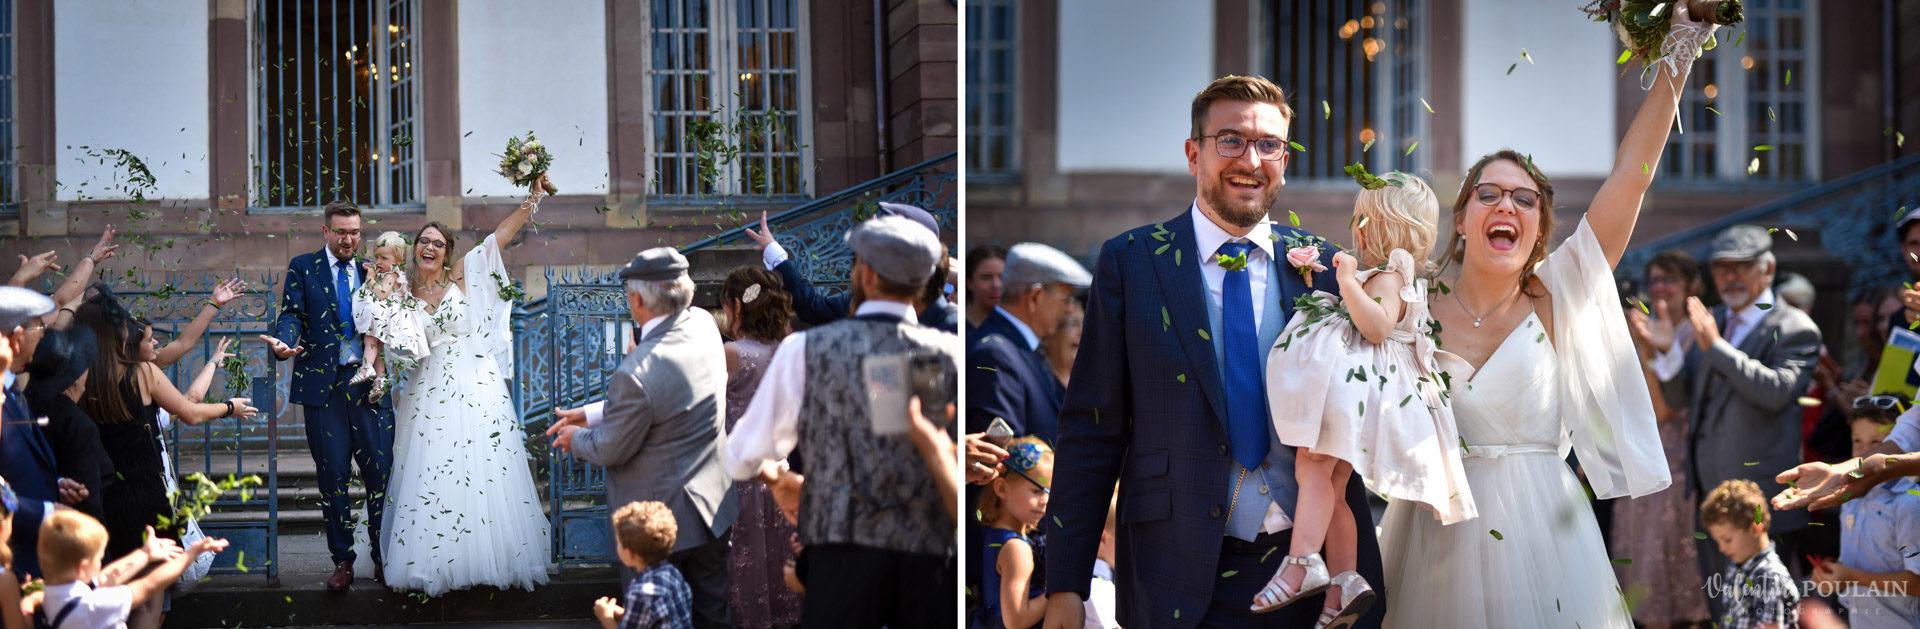 Ceremonie laique années20 - Valentine Poulain sortie mairie